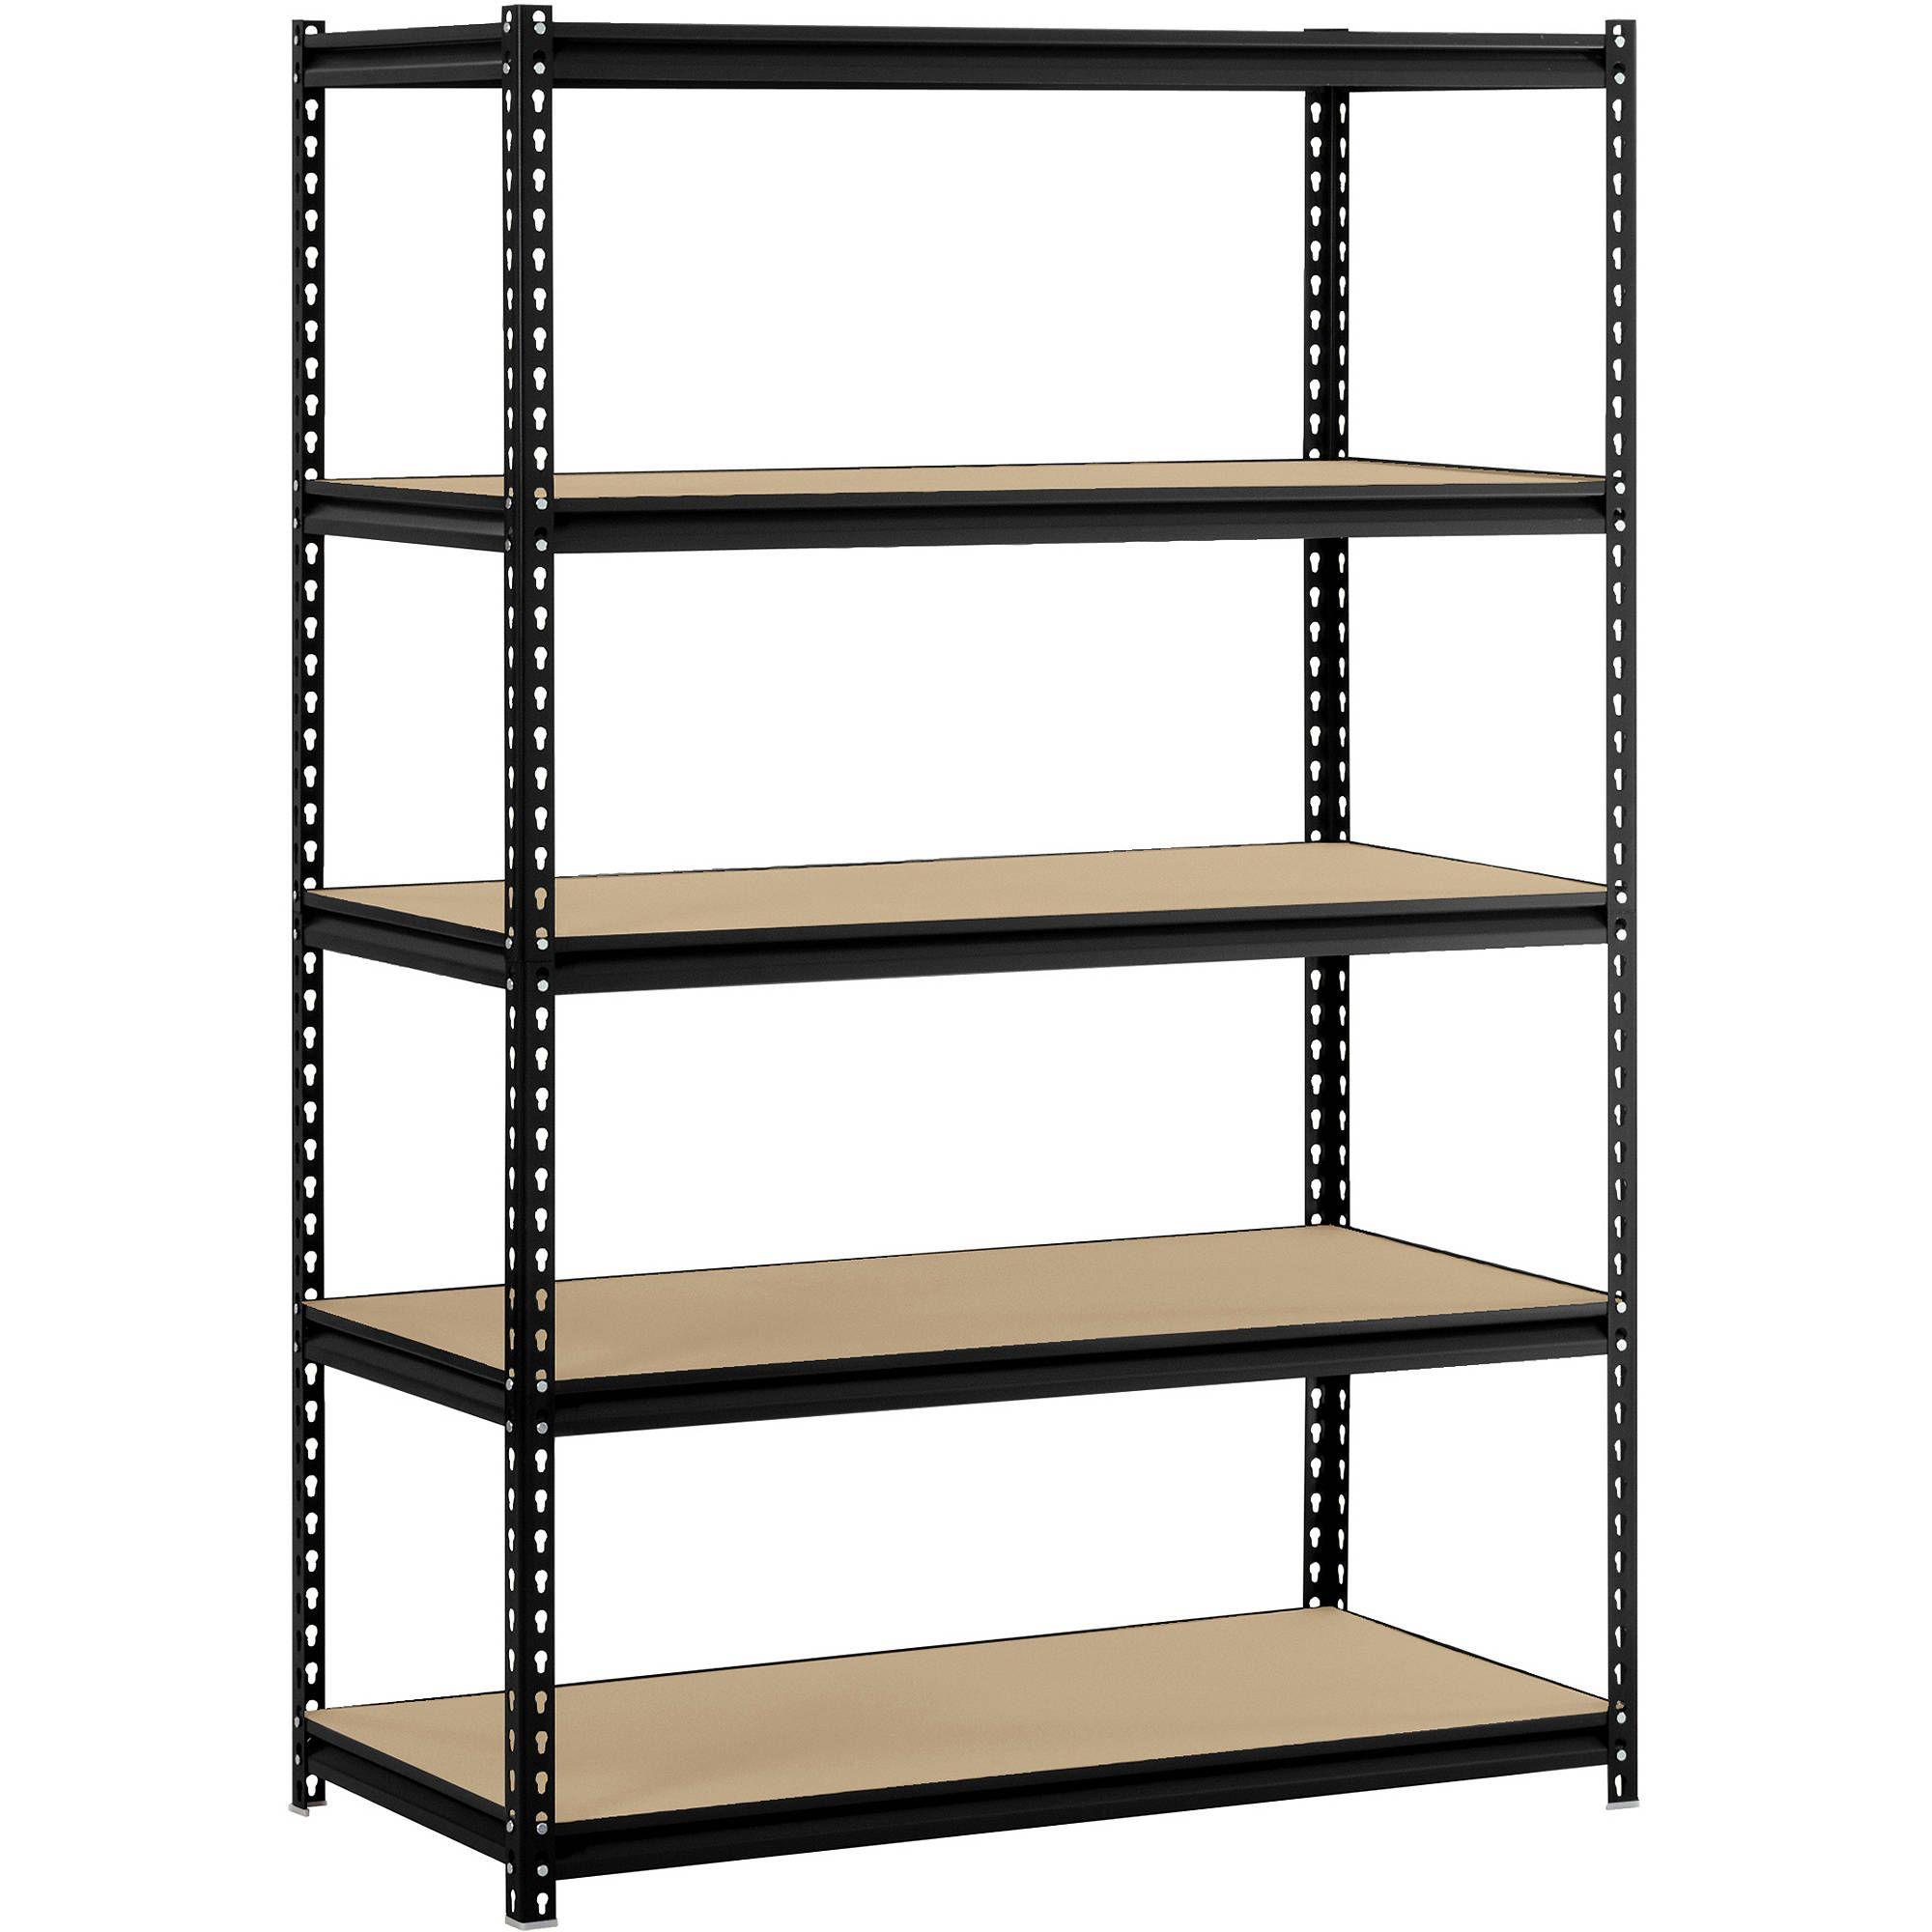 Muscle Rack 48 W X 24 D X 72 H 5 Shelf Steel Shelving Black